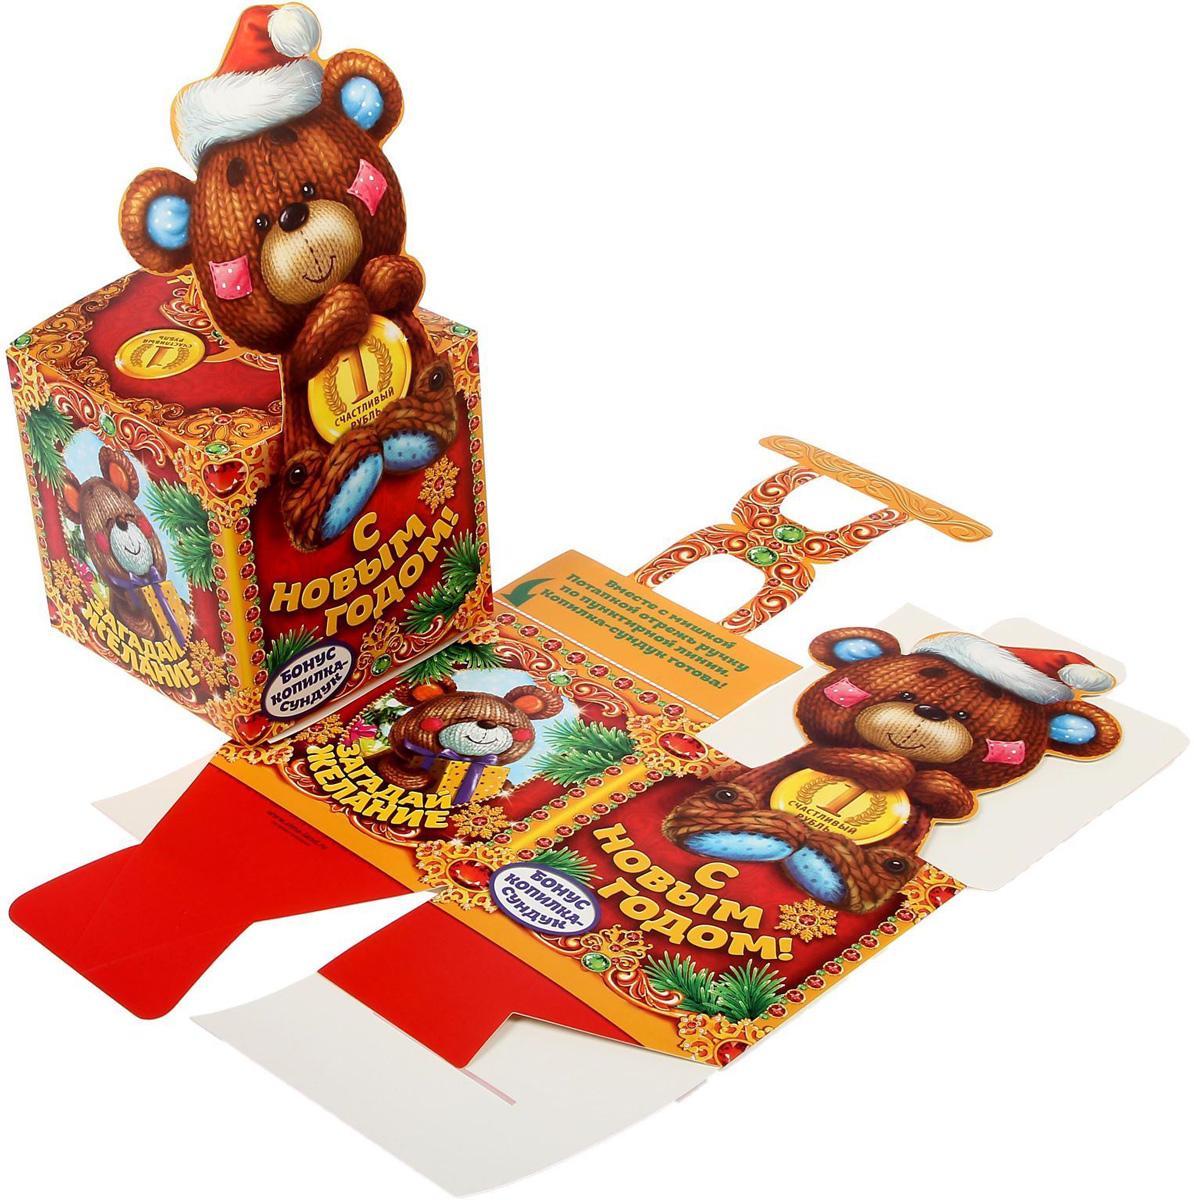 Коробка складная Sima-land Копилка-сундук, 15 х 15 х 15 см1398660Любой подарок начинается с упаковки. Что может быть трогательнее и волшебнее, чем ритуал разворачивания полученного презента. И именно оригинальная, со вкусом выбранная упаковка выделит ваш подарок из массы других. Подарочная коробка Sima-land продемонстрирует самые теплые чувства к виновнику торжества и создаст сказочную атмосферу праздника.